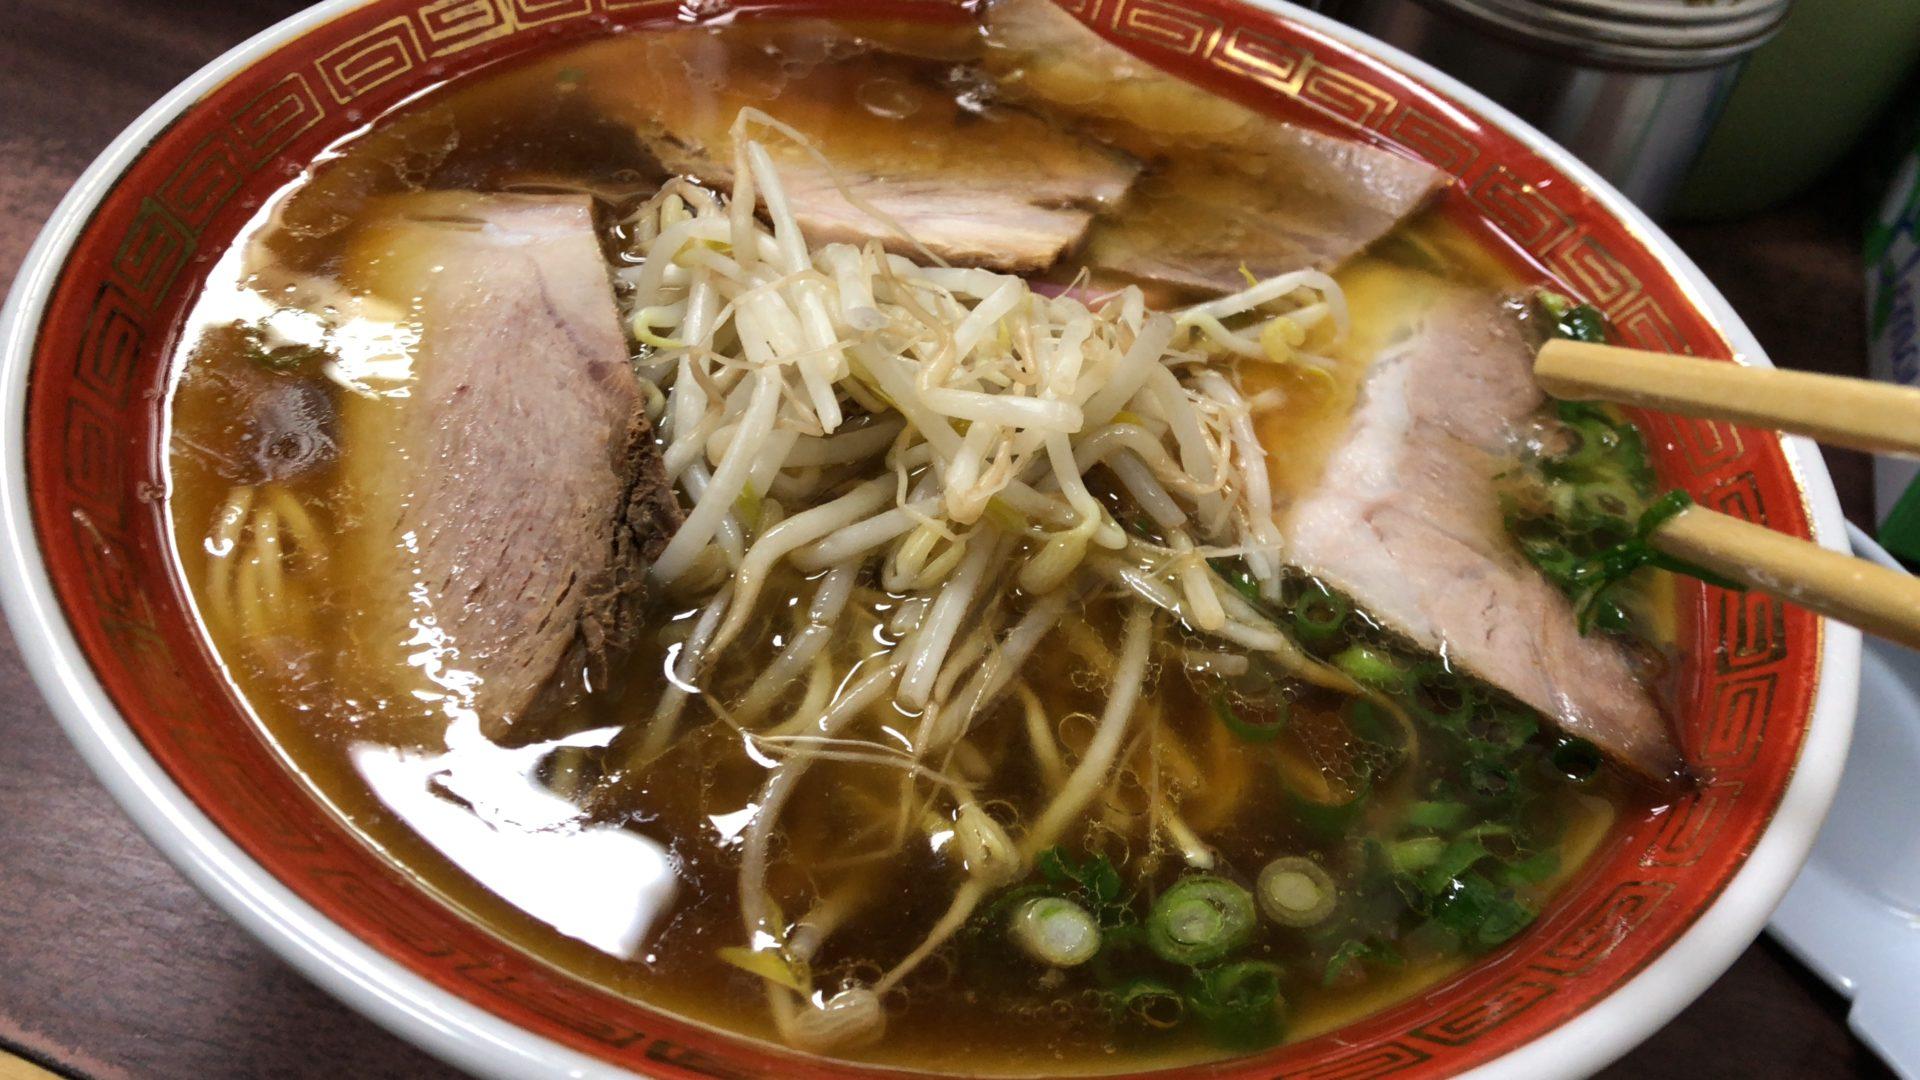 これが岡山ラーメンの天神そば!ツウも虜になる濃厚鶏ガラ醤油スープとオリジナル細麺!行列に並んでも是非食べてほしい!